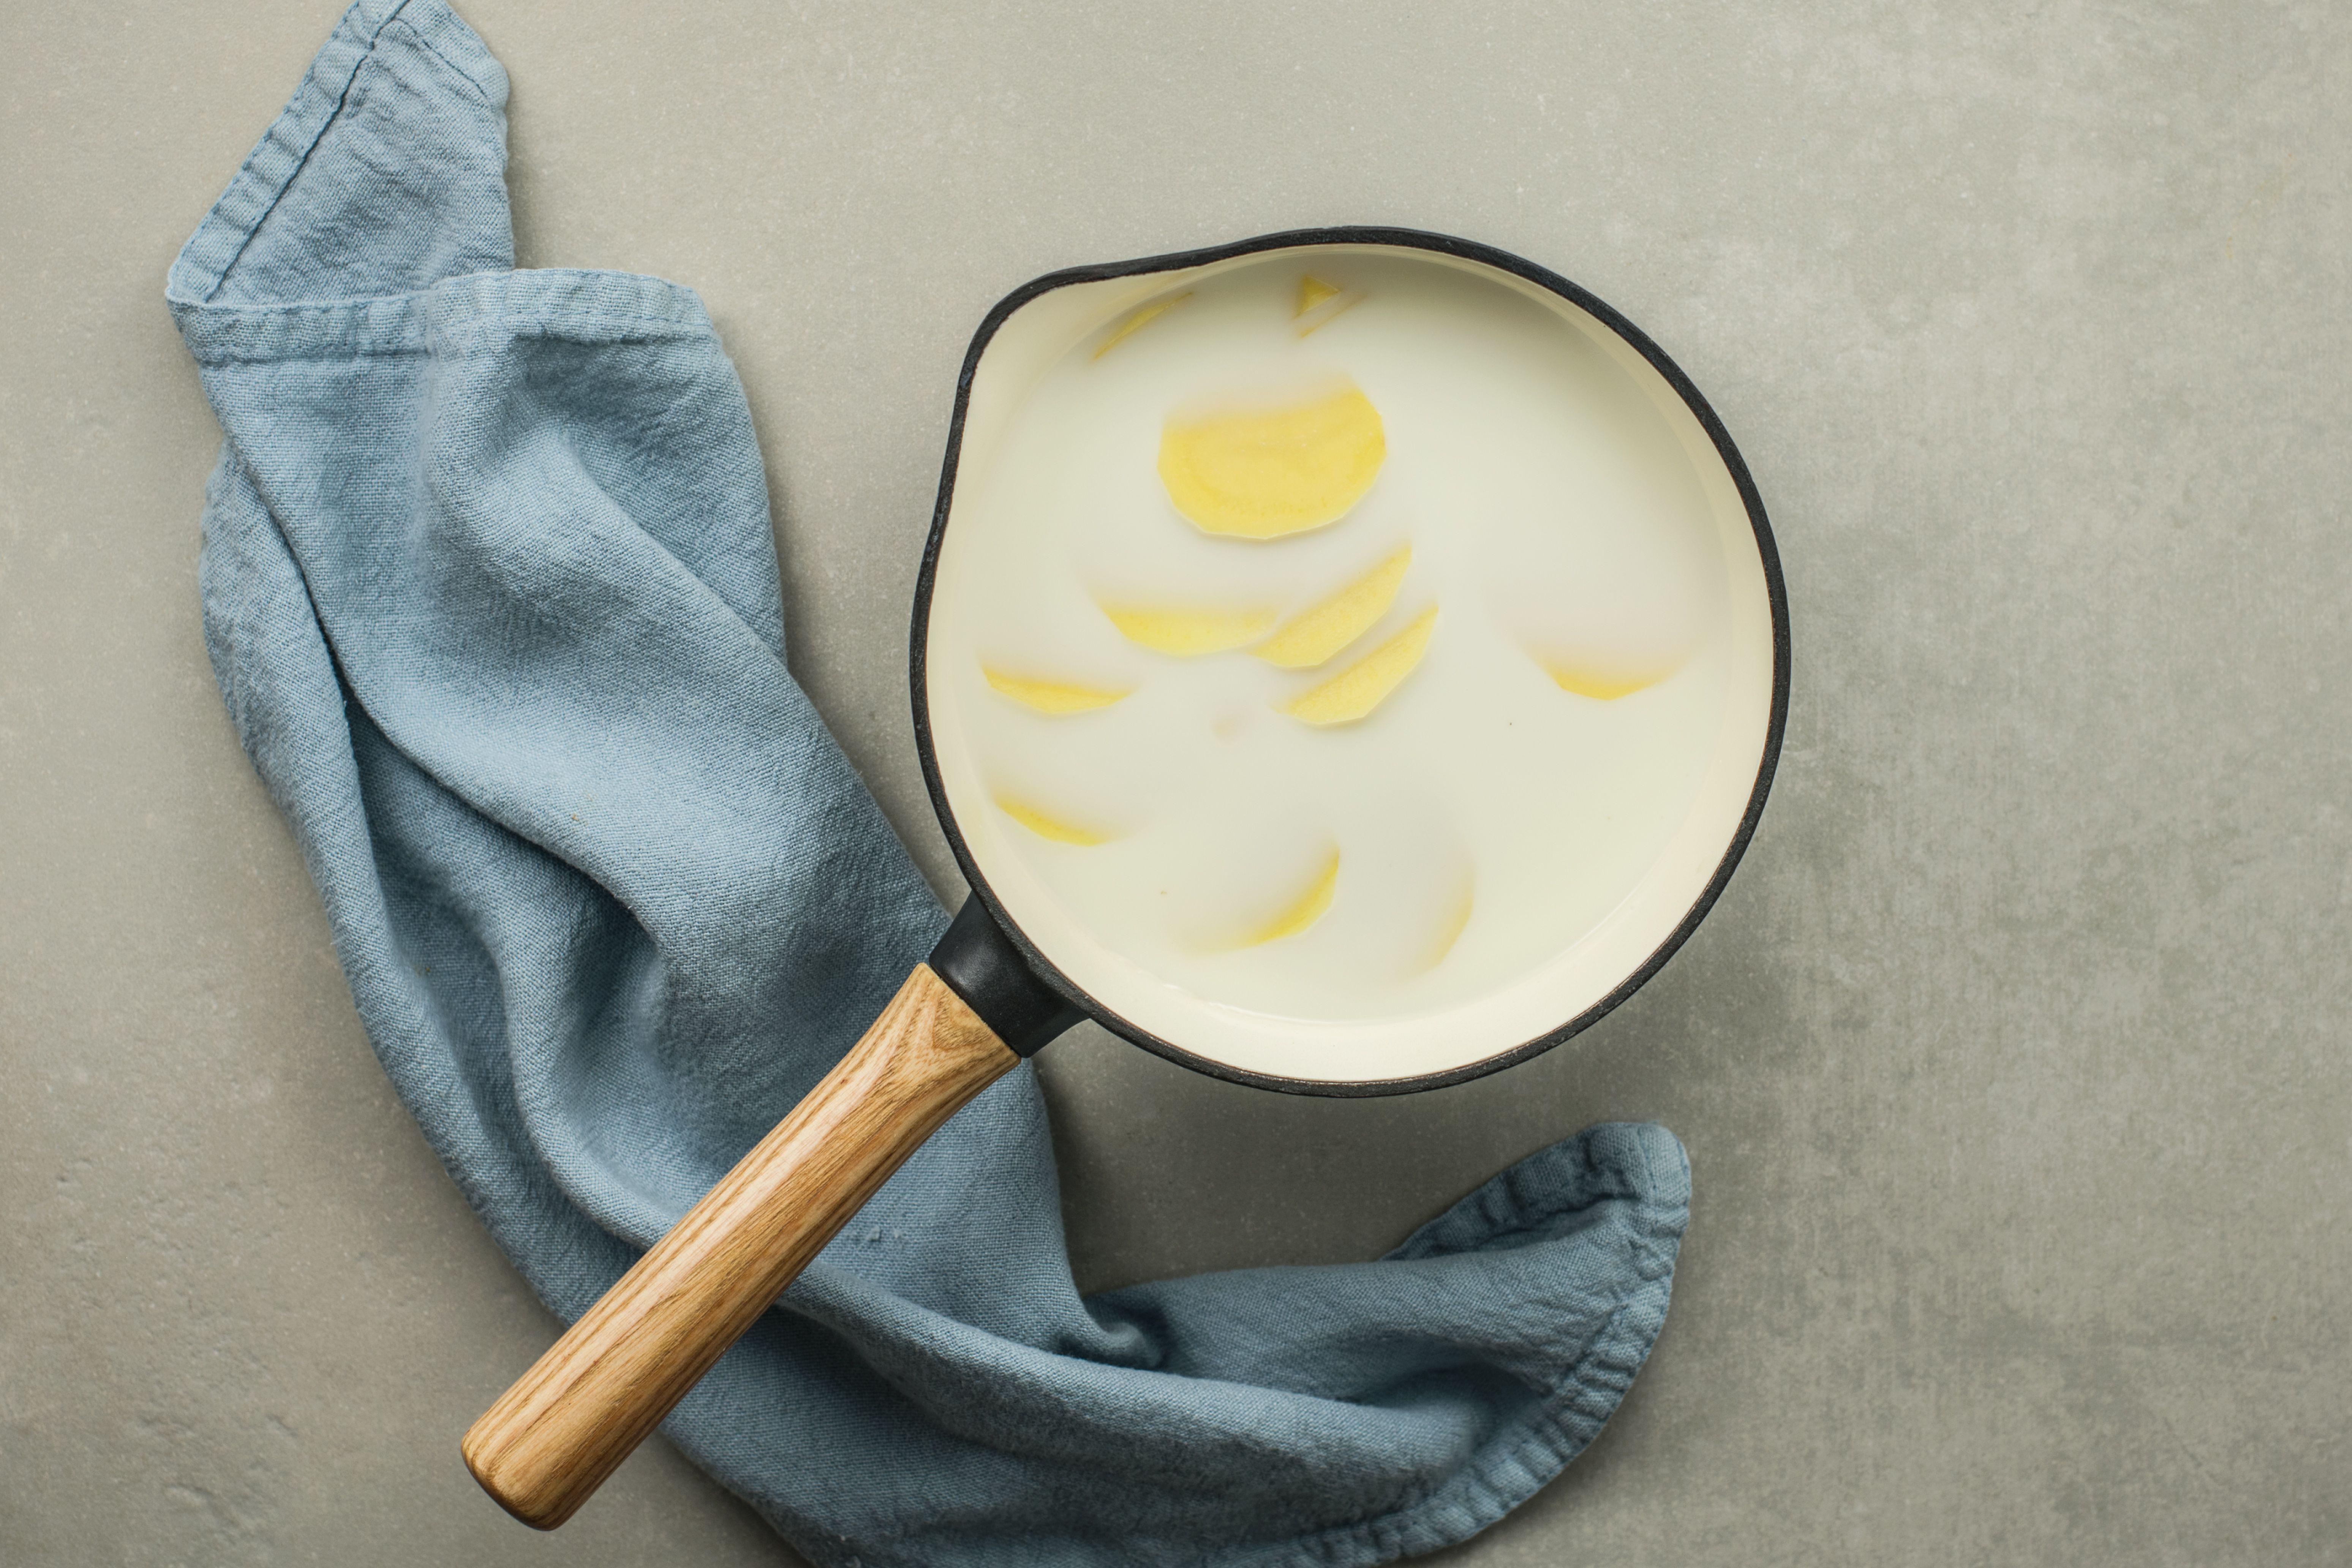 Potatoes and milk in a saucepan